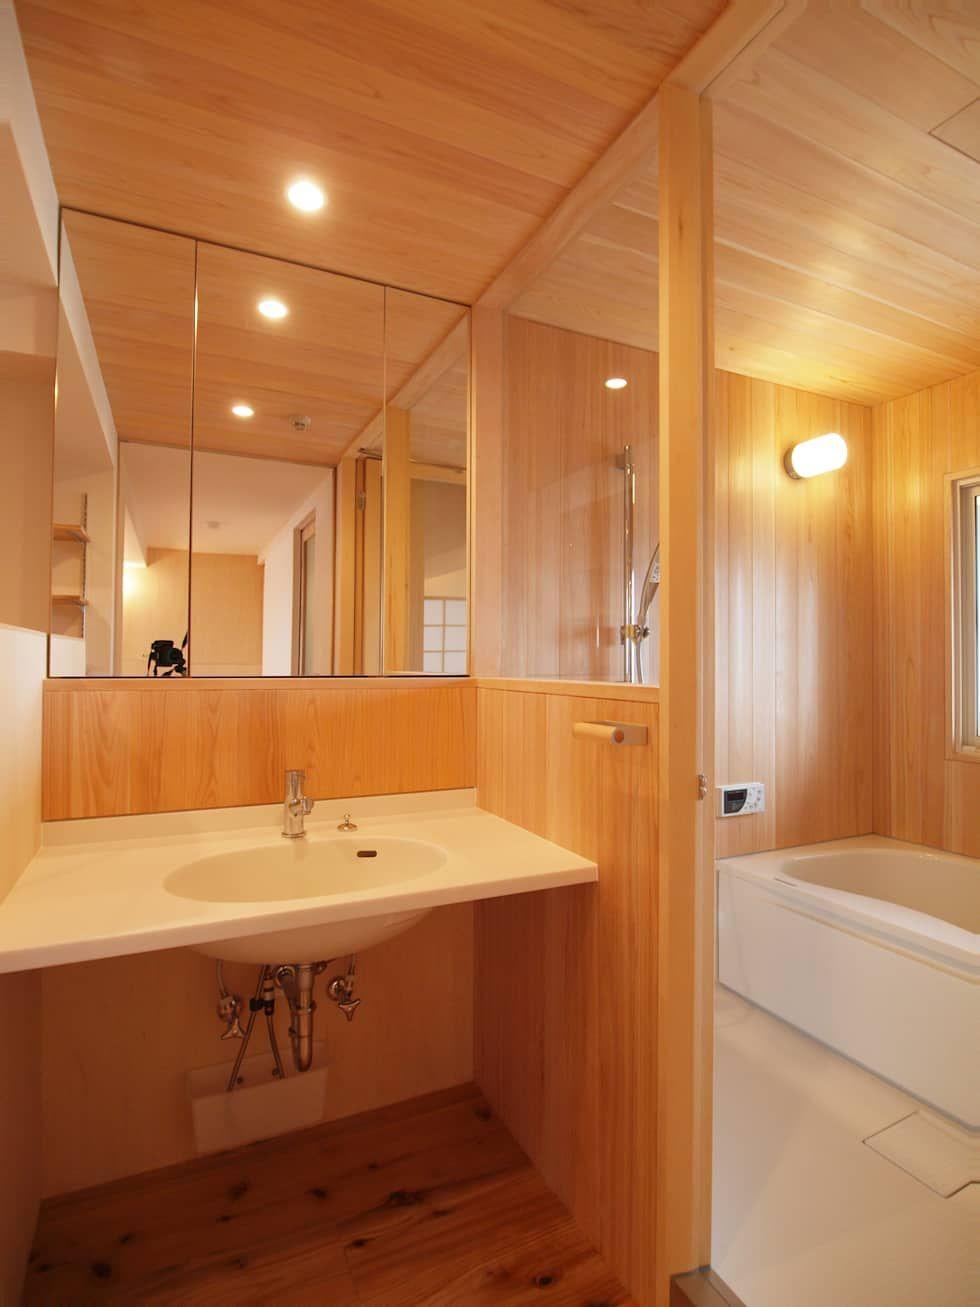 さわら材 ハーフユニットを用いた木の浴室 I Think一級建築設計事務所が手掛けたスカンジナビアです 北欧 木 木目調 Homify ユニットバス 現代的なバスルーム バスルームのレイアウト